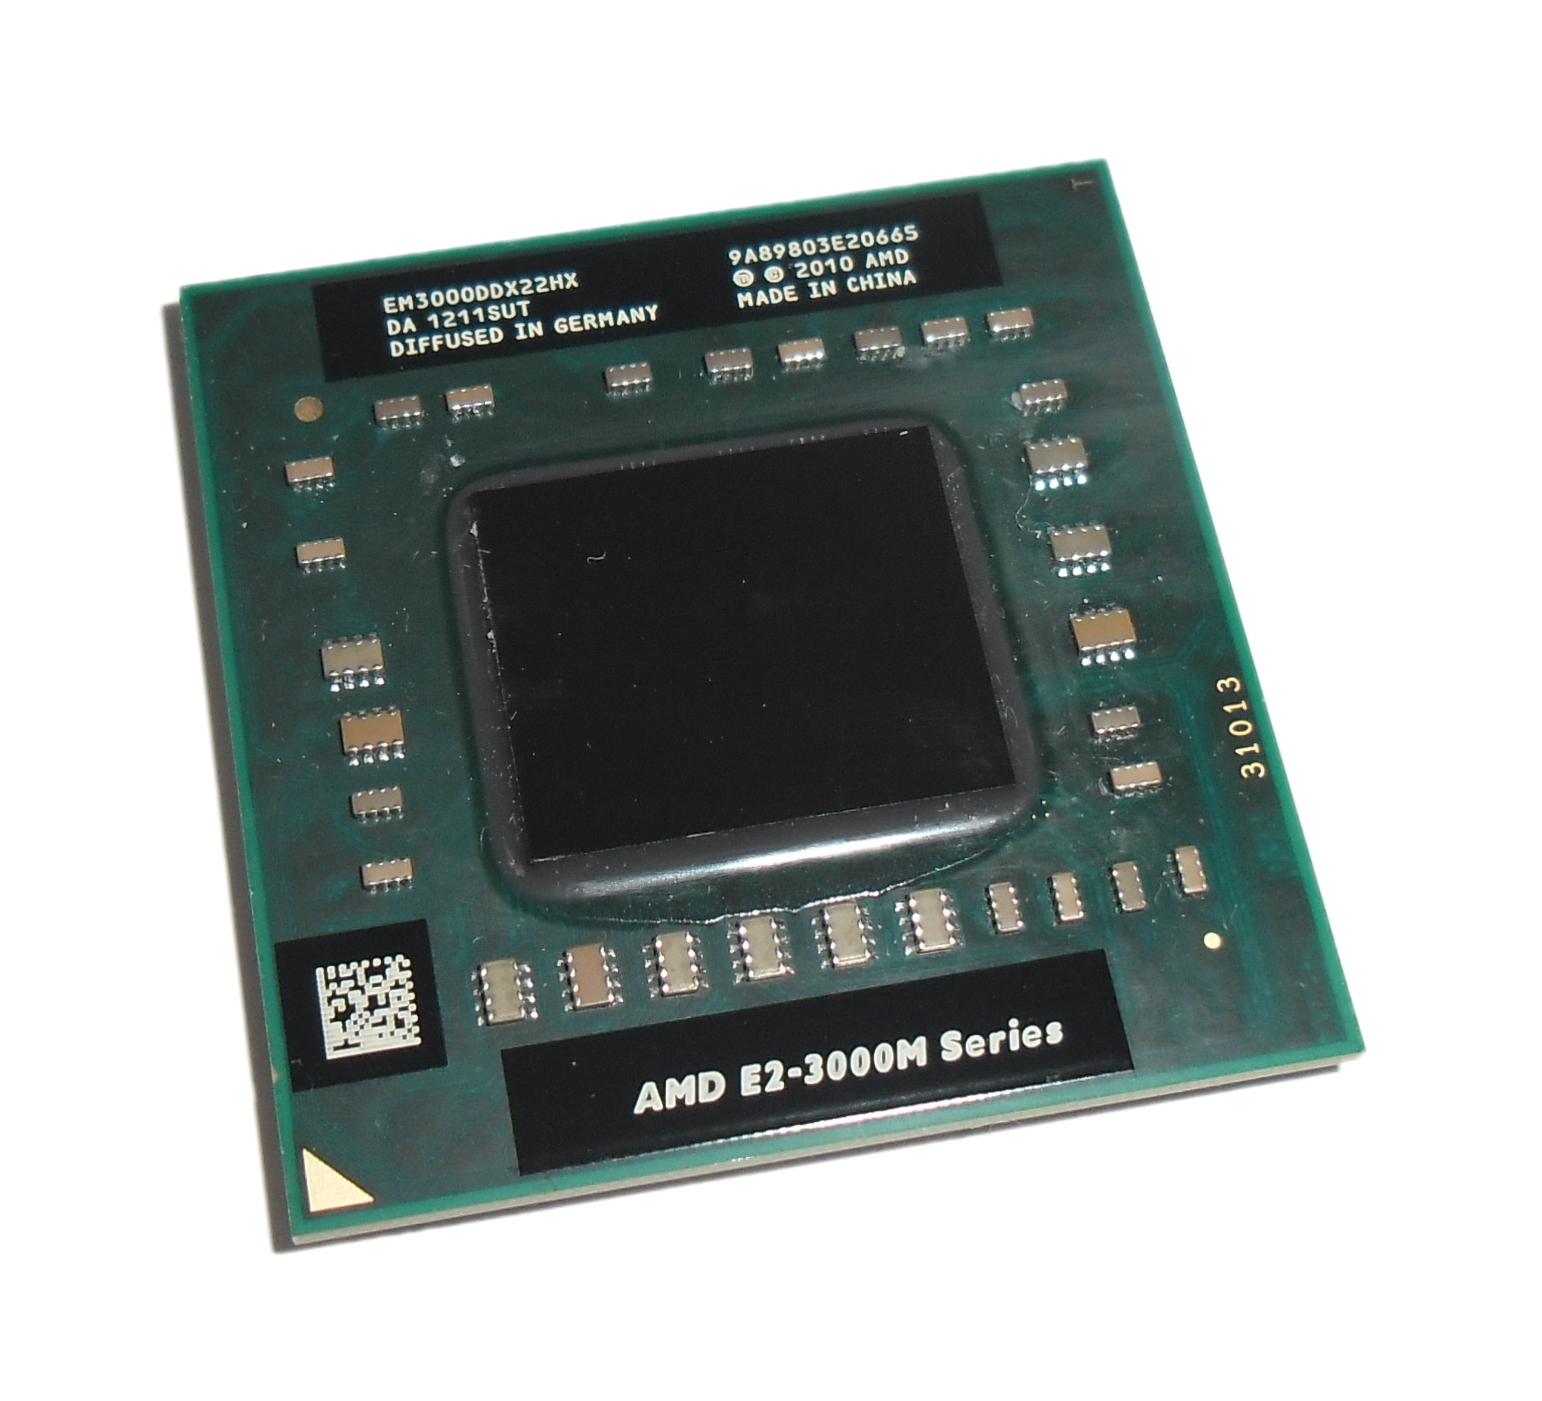 EM3000DDX22HX AMD E2-3000M 1.8GHz Socket FS1 CPU